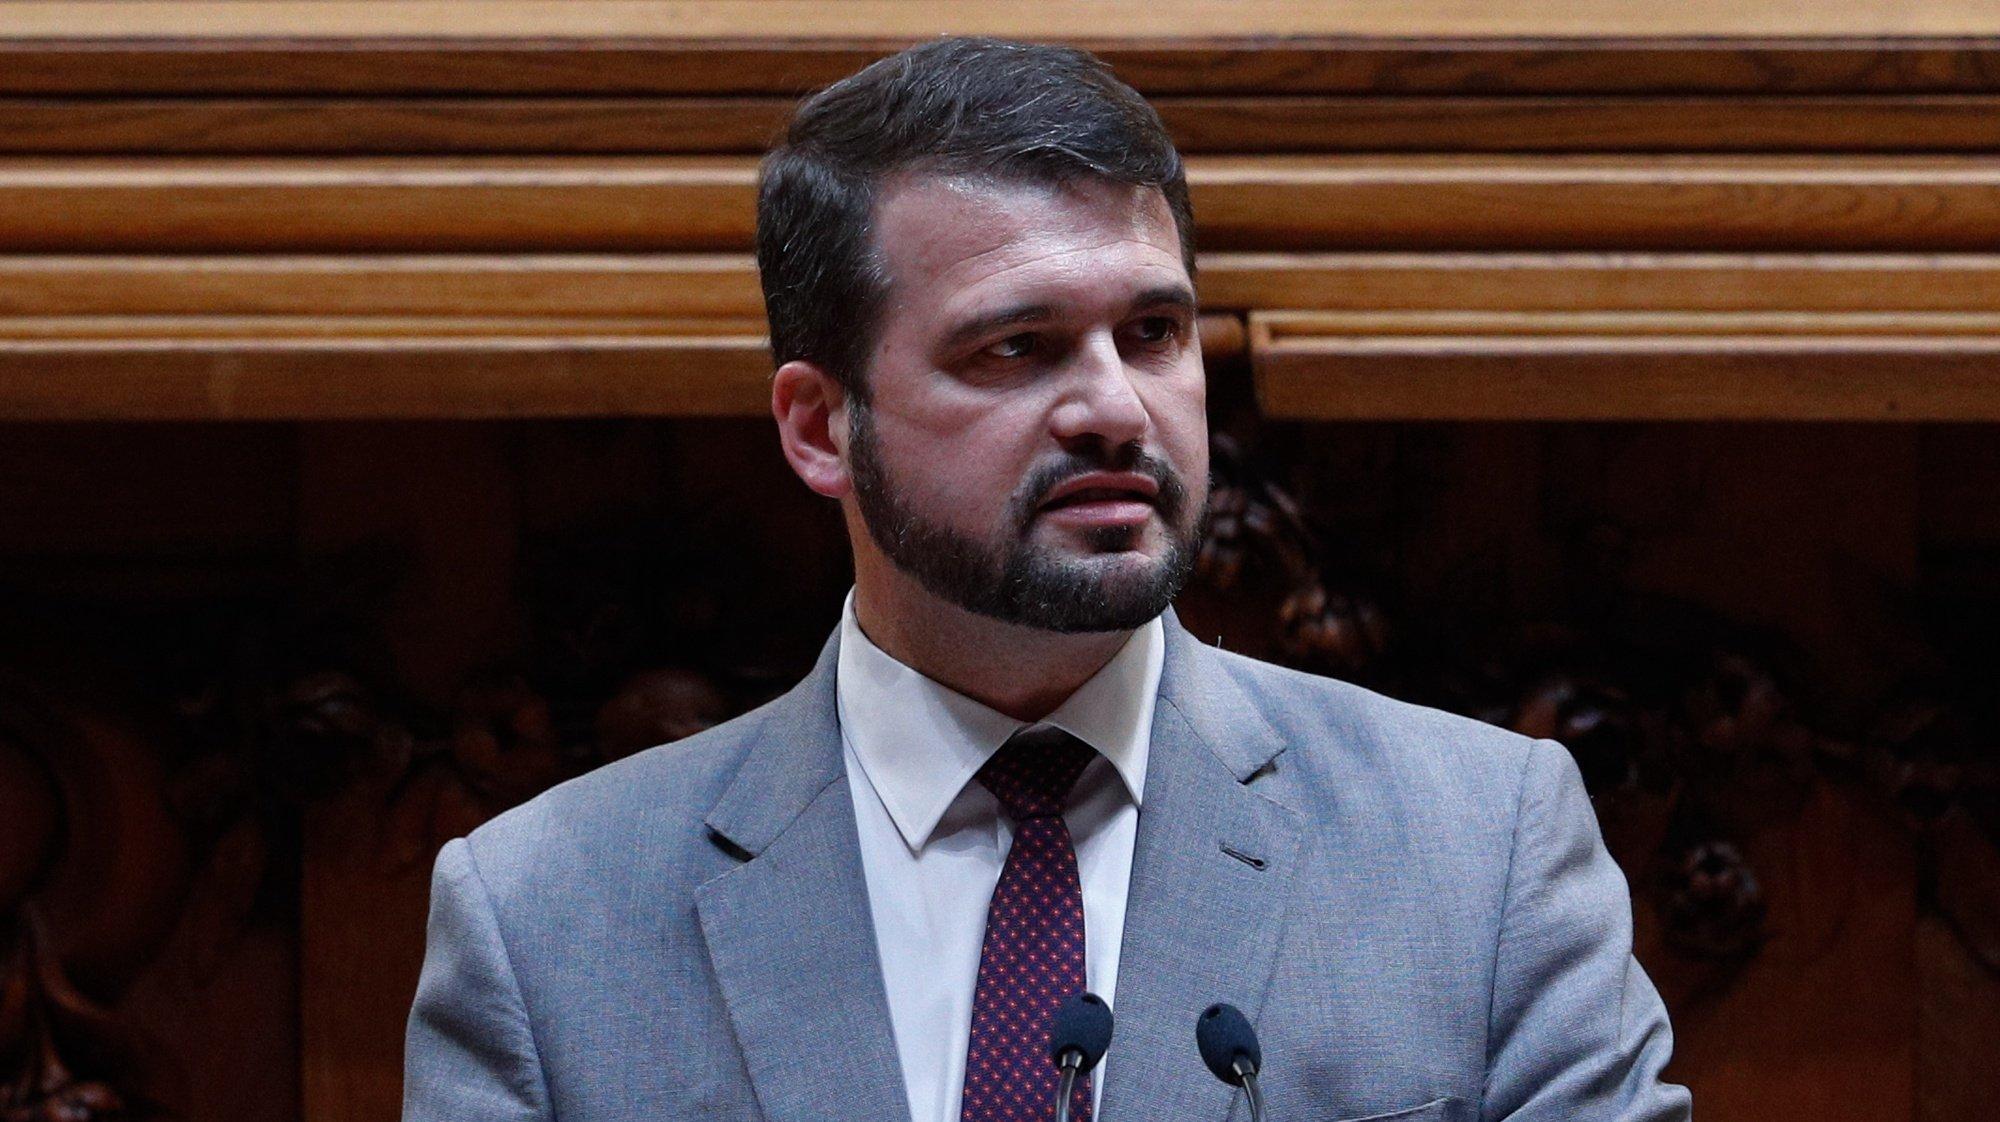 O deputado do Partido Socialista (PS), João Paulo Correia, intervém durante o debate na Assembleia da República, em Lisboa, 14 de outubro de 2020. ANTÓNIO COTRIM/LUSA